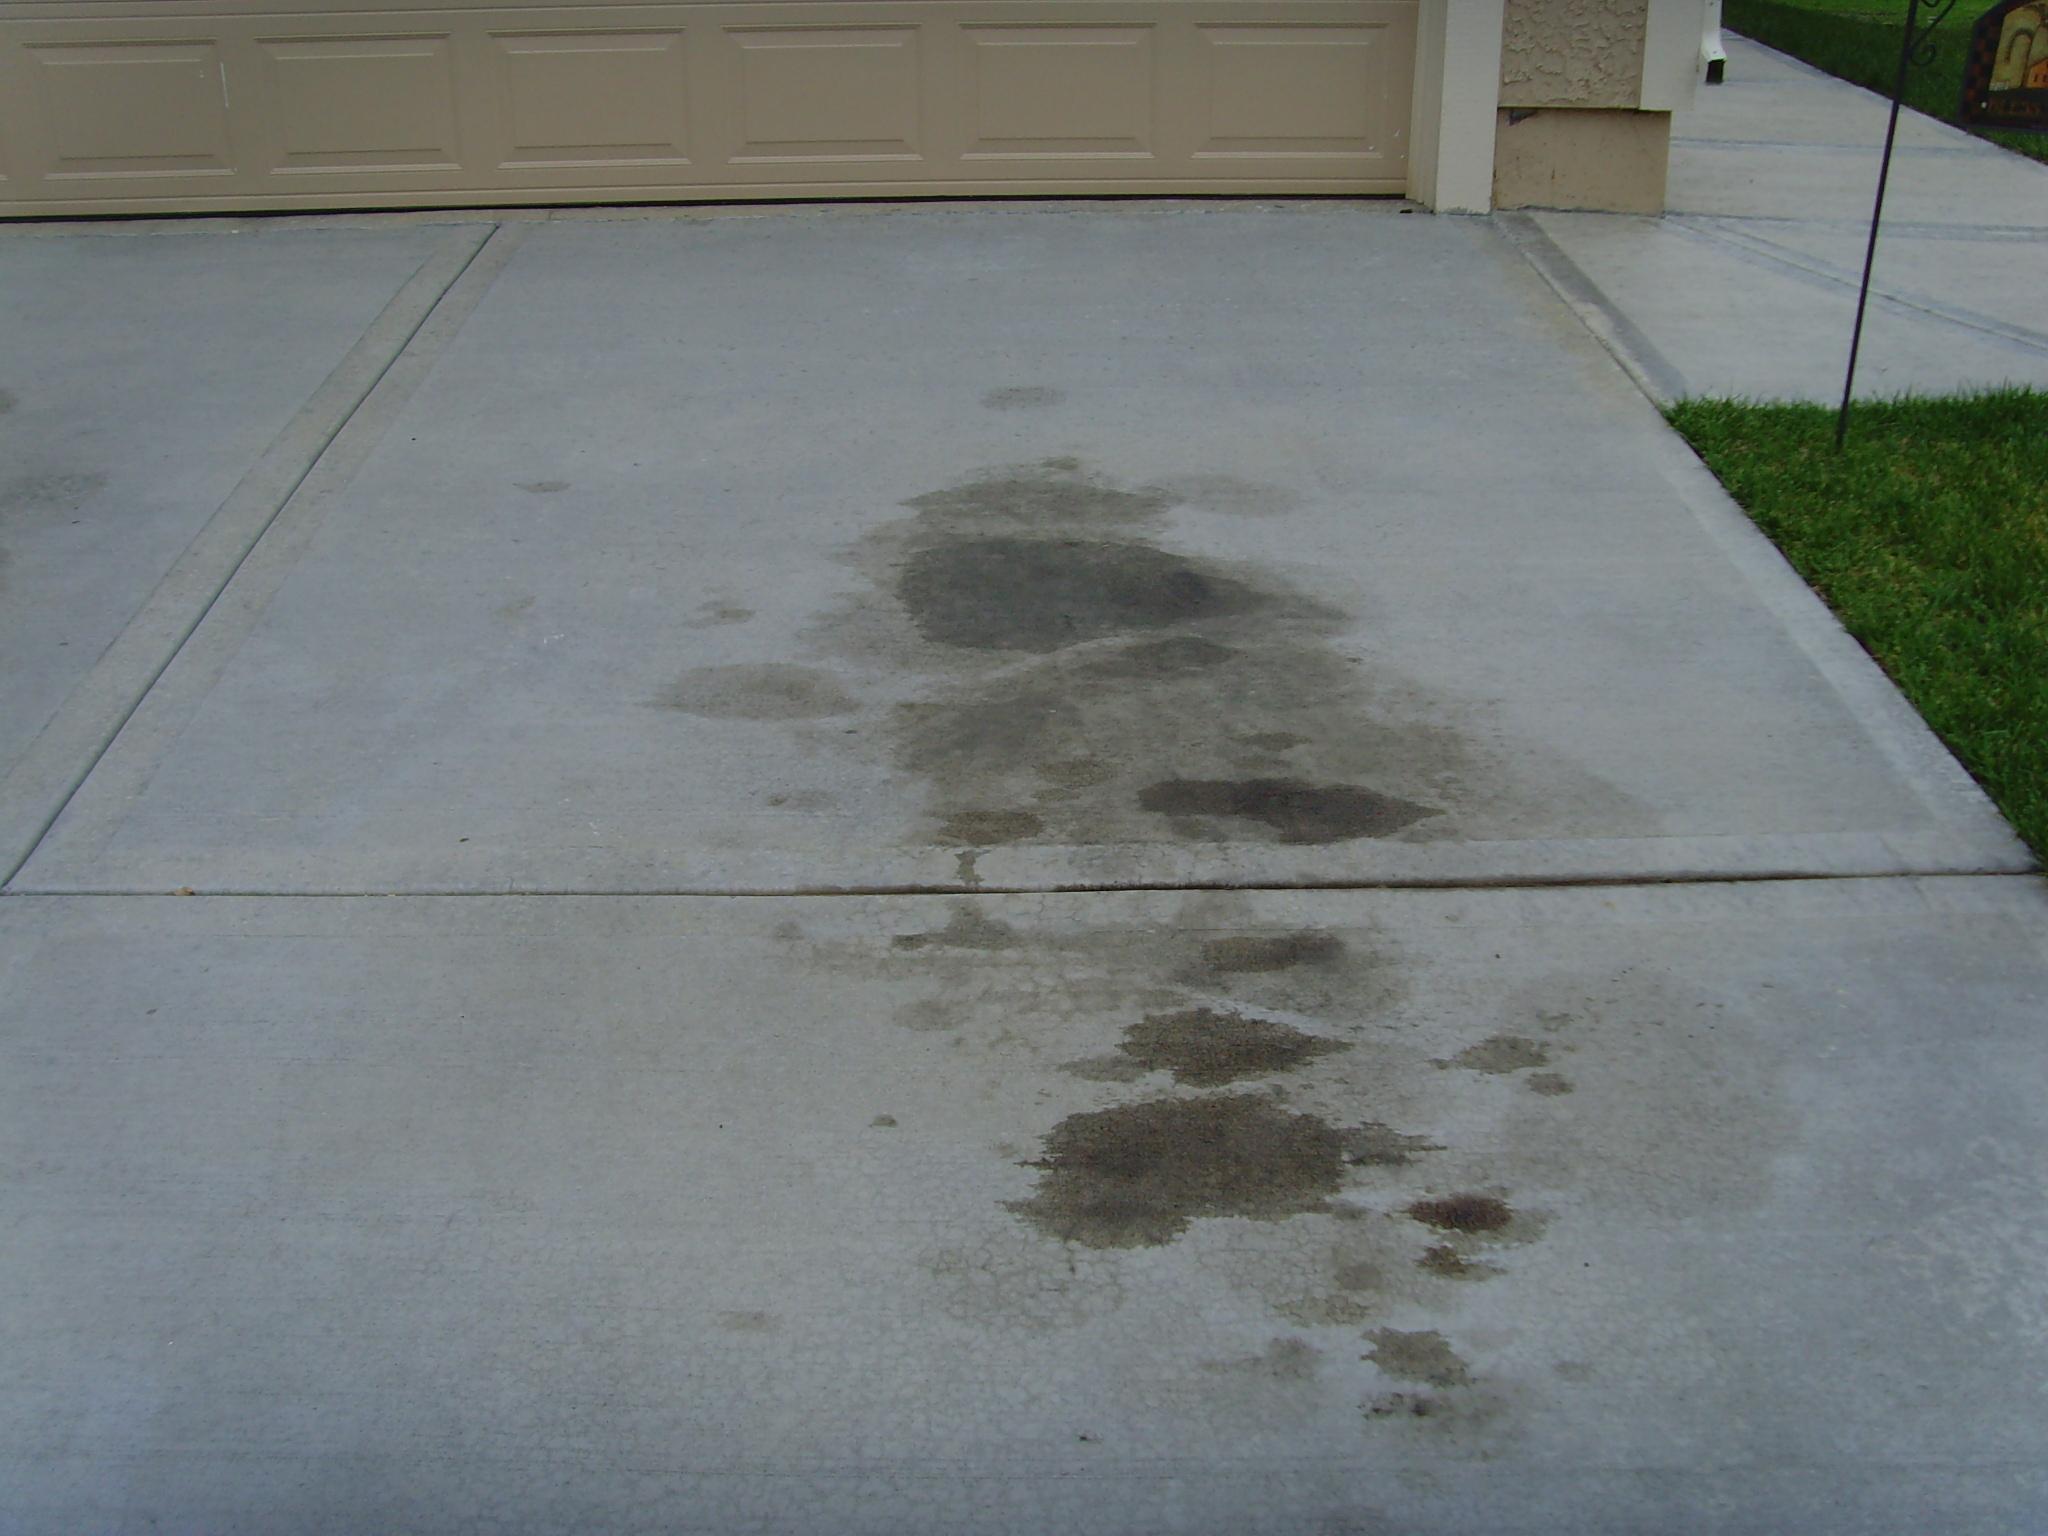 پاک کردن لکه روغن خودرو از زمین